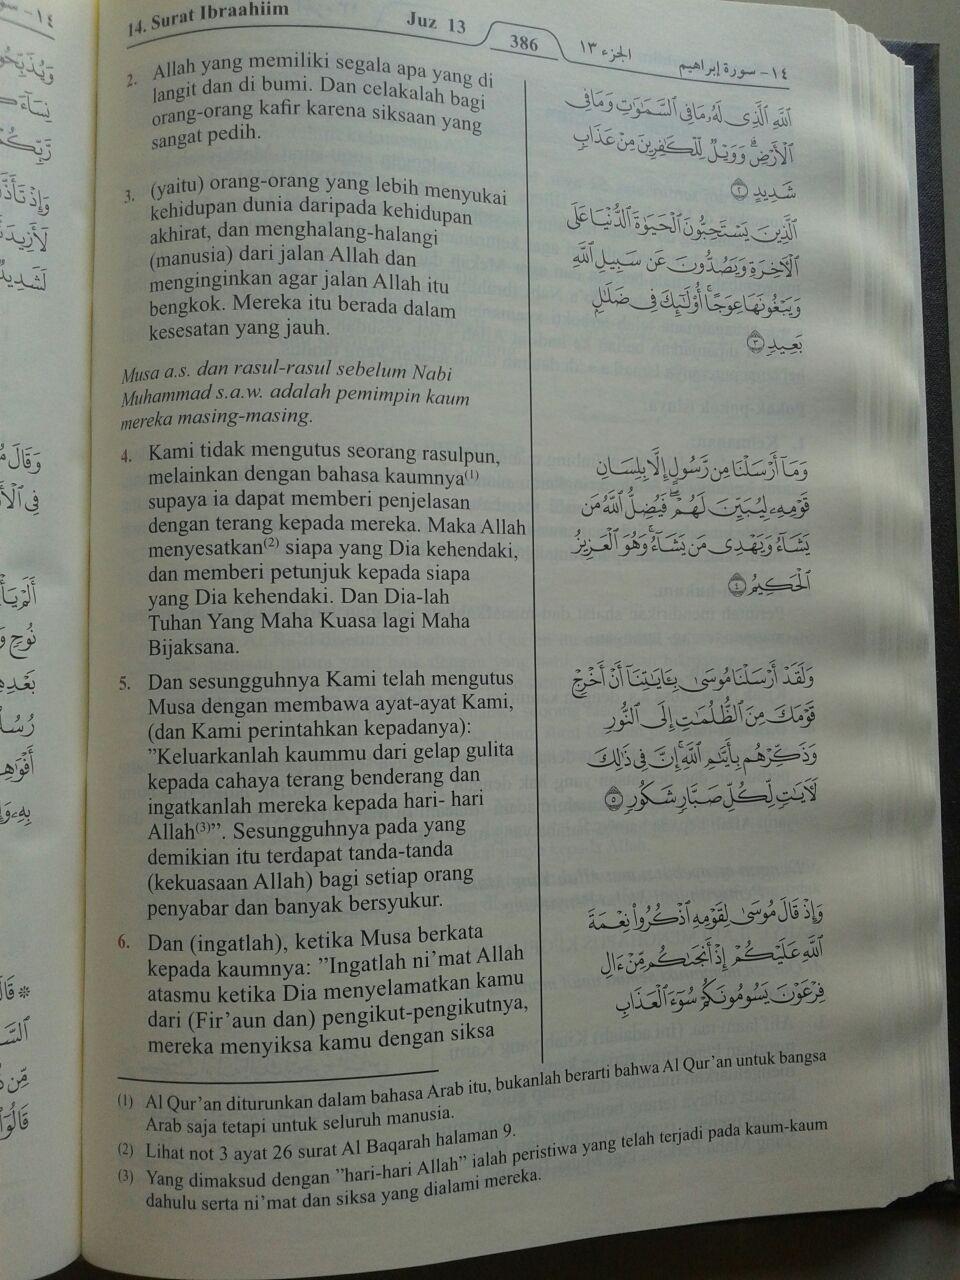 Al-Qur'an Mushaf Dan Terjemahnya Ukuran A5 isi 2